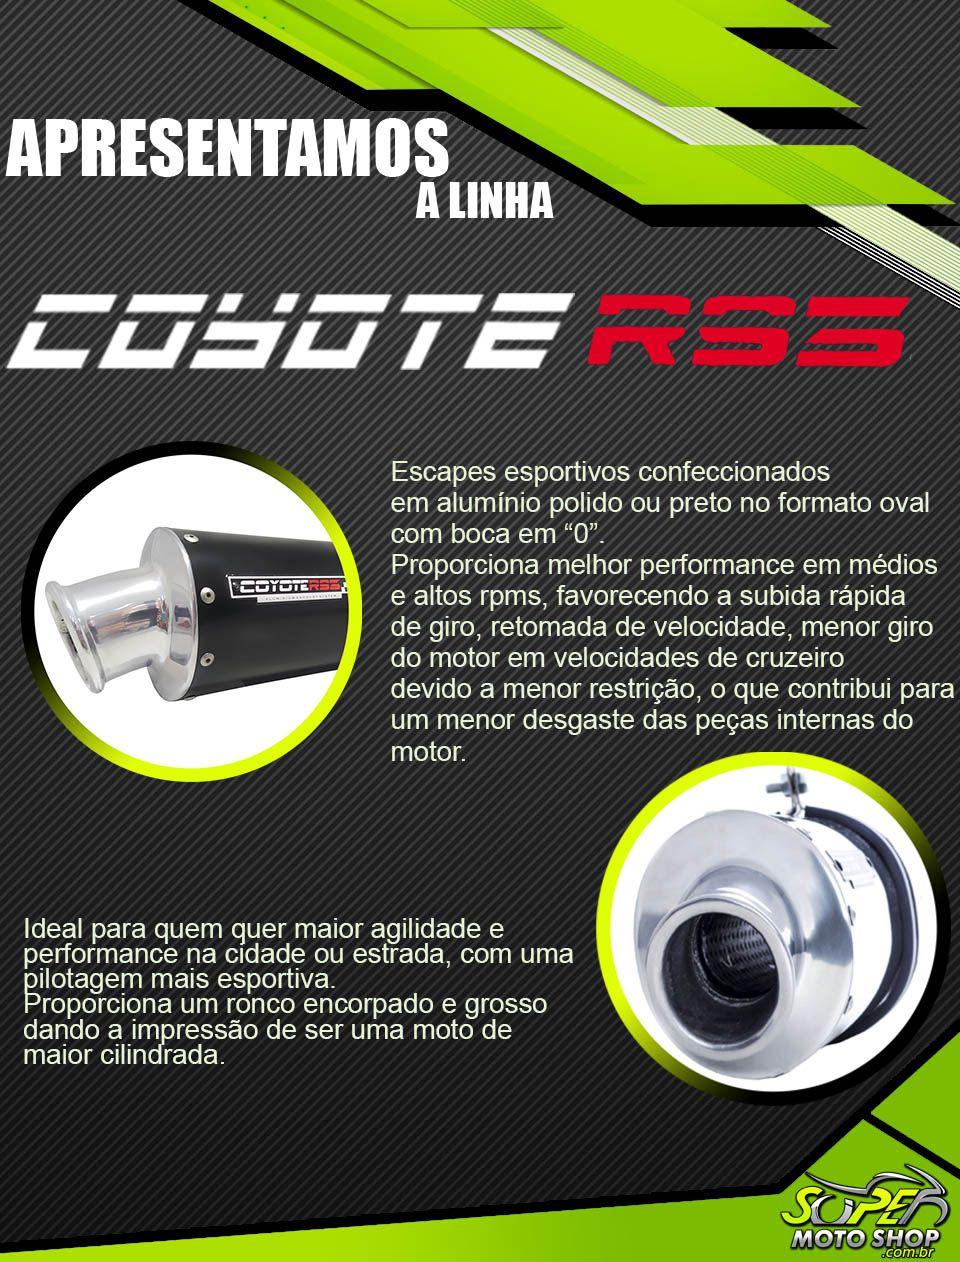 Escape / Ponteira Coyote RS3 Aluminio Oval - Tornado XR 250 ano 2007/2008 - Honda